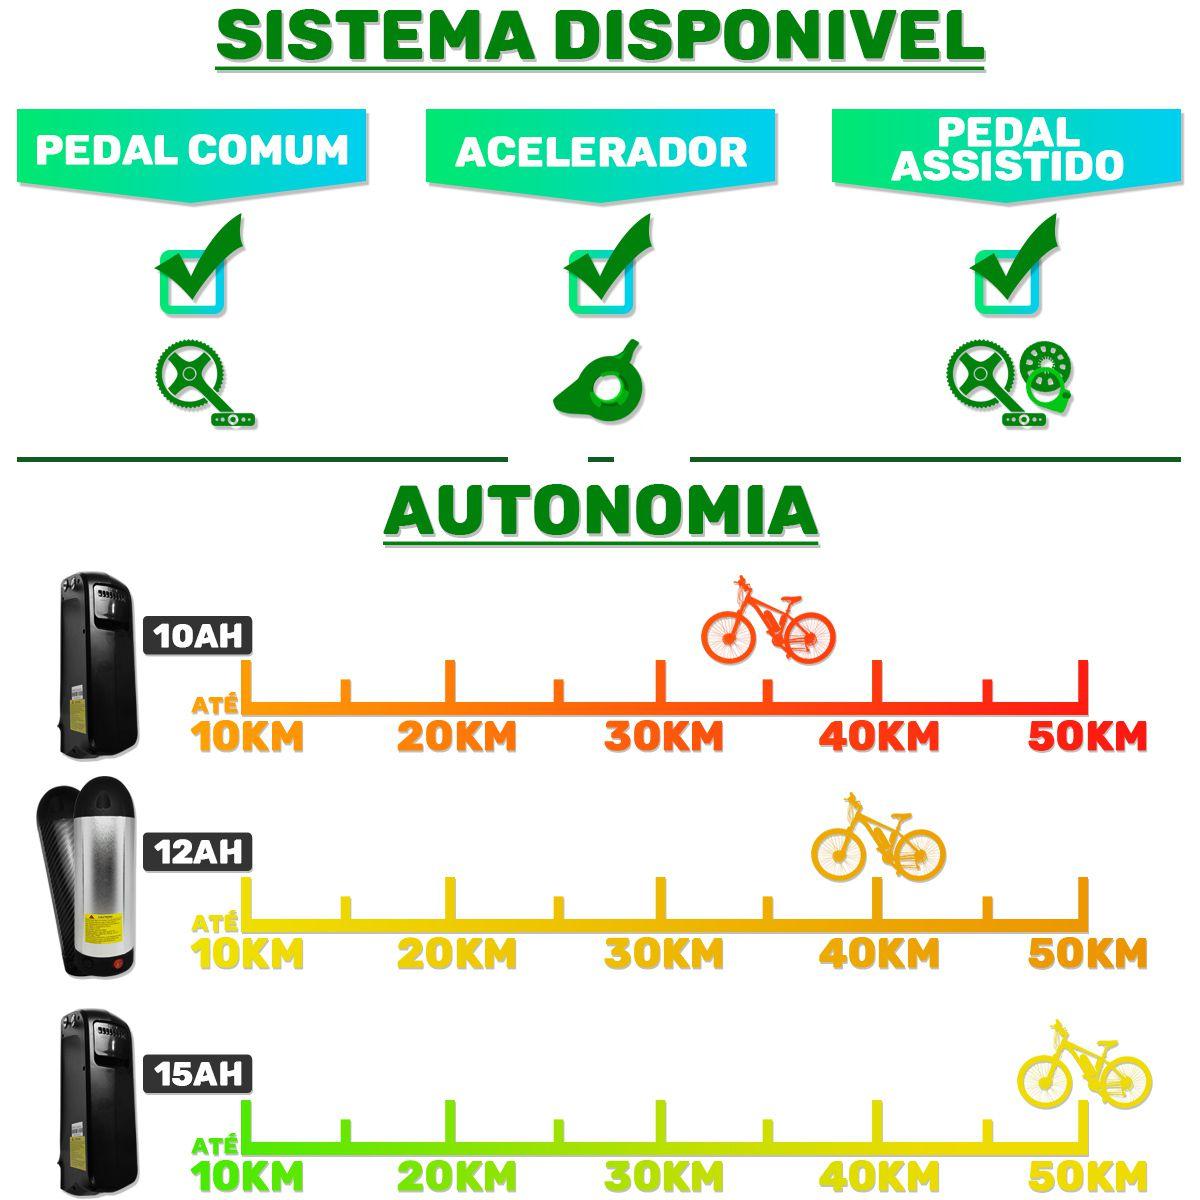 Bicicleta Elétrica Dobrável 350w Bivolt TecBike de 35km Aço Carbono Aro Alumínio Garantia 1 Ano